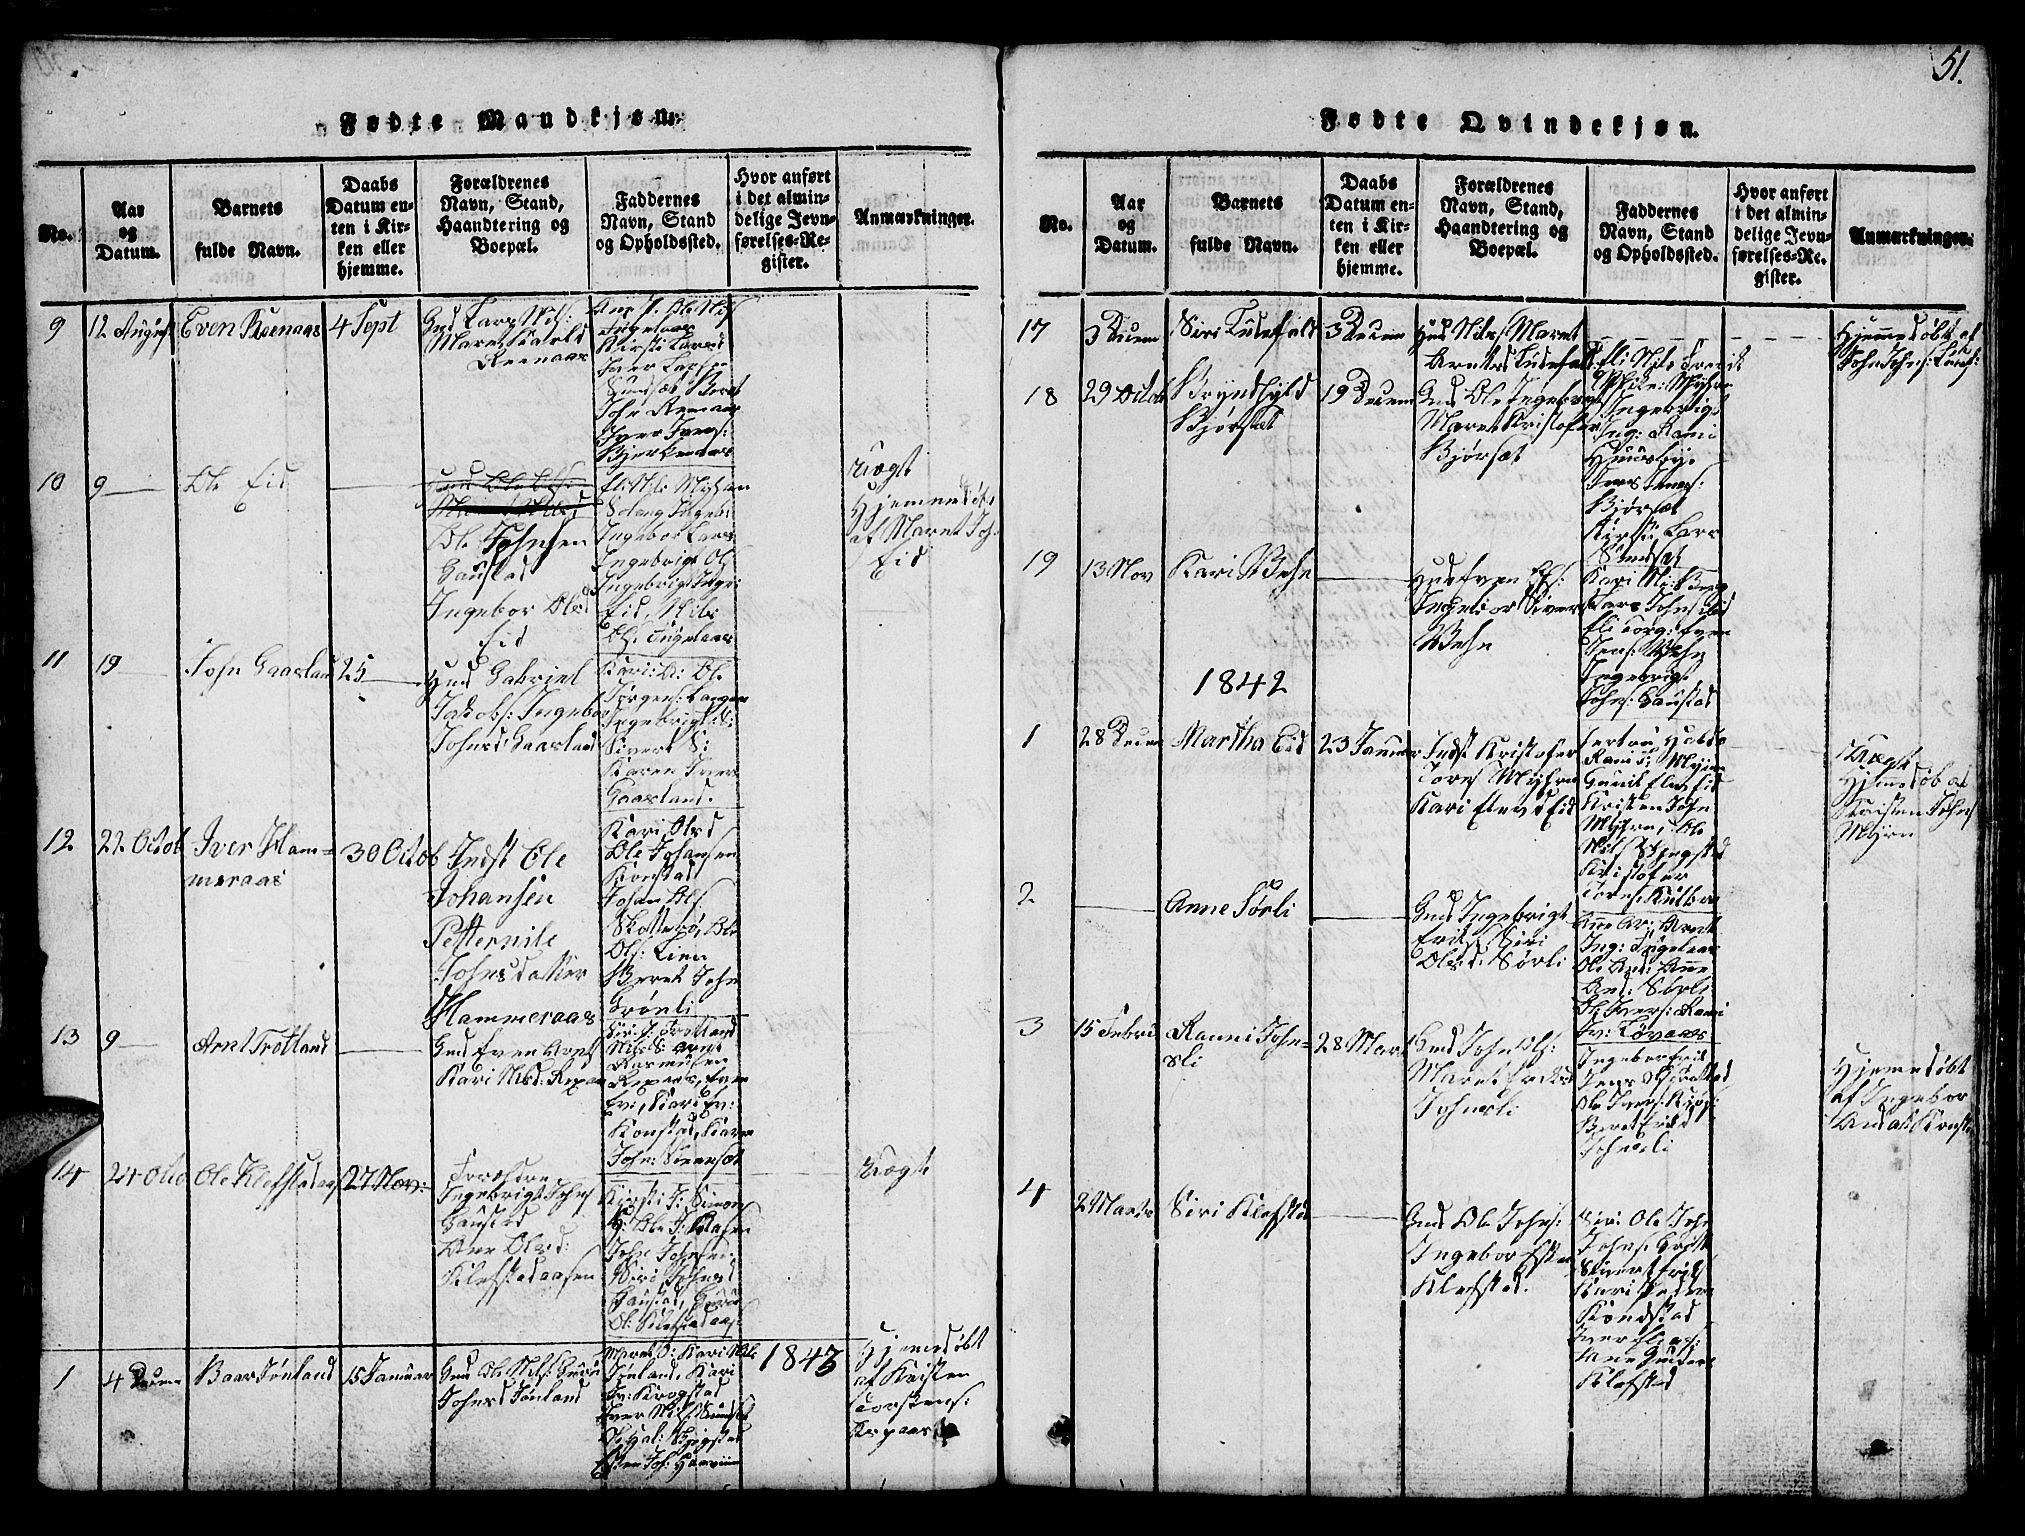 SAT, Ministerialprotokoller, klokkerbøker og fødselsregistre - Sør-Trøndelag, 694/L1130: Klokkerbok nr. 694C02, 1816-1857, s. 51